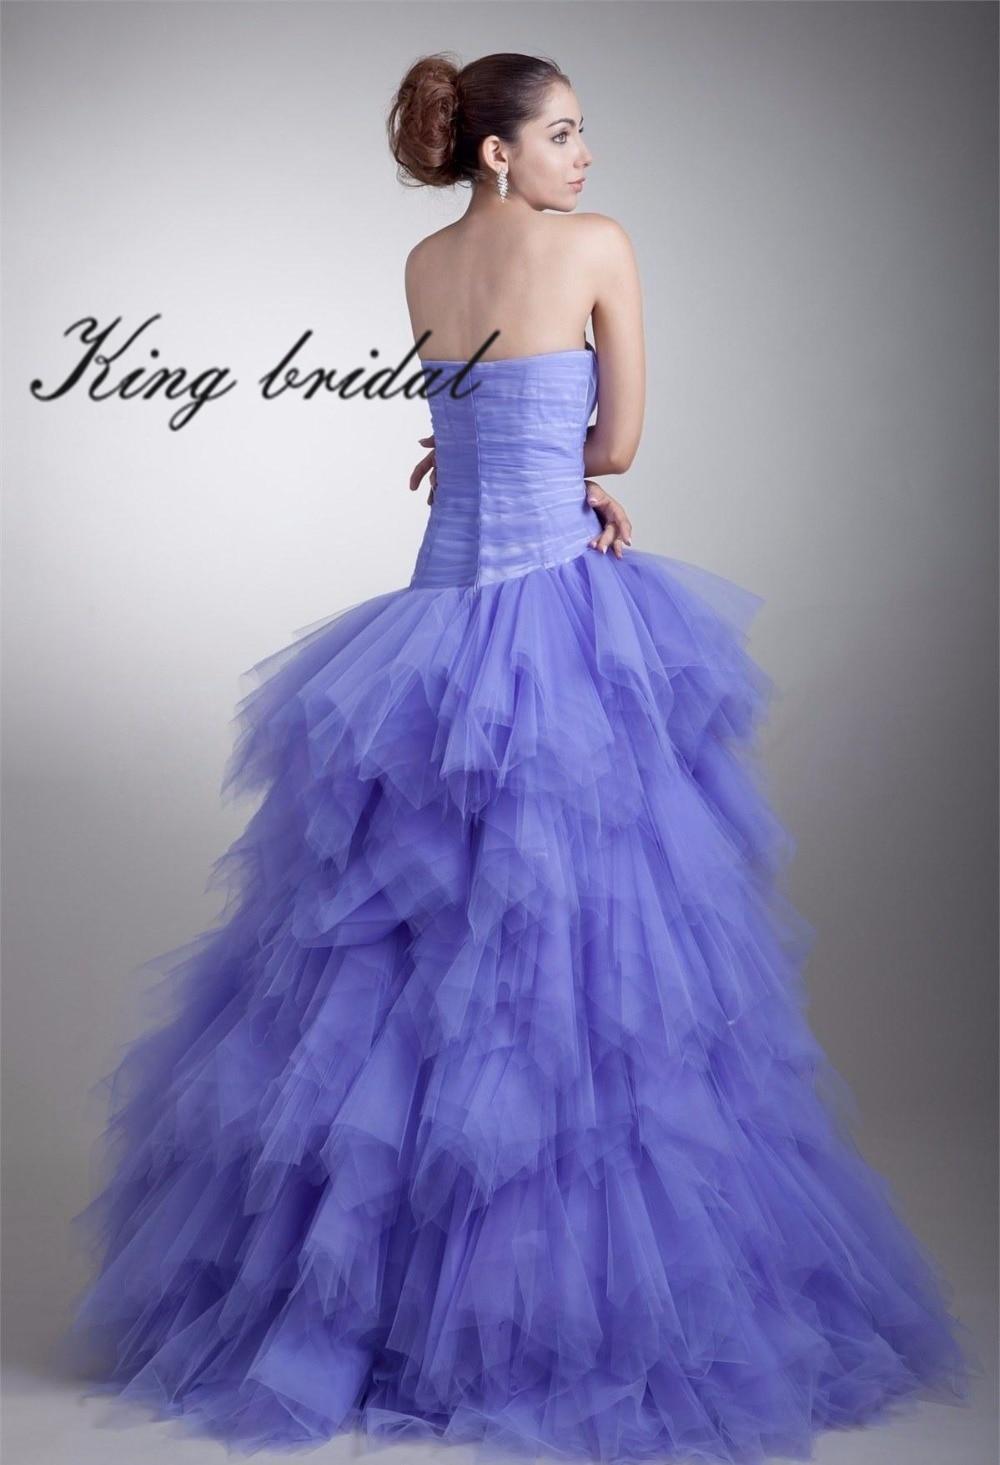 Hermosa Diseñadores De Vestidos De Baile Bosquejo - Ideas de ...